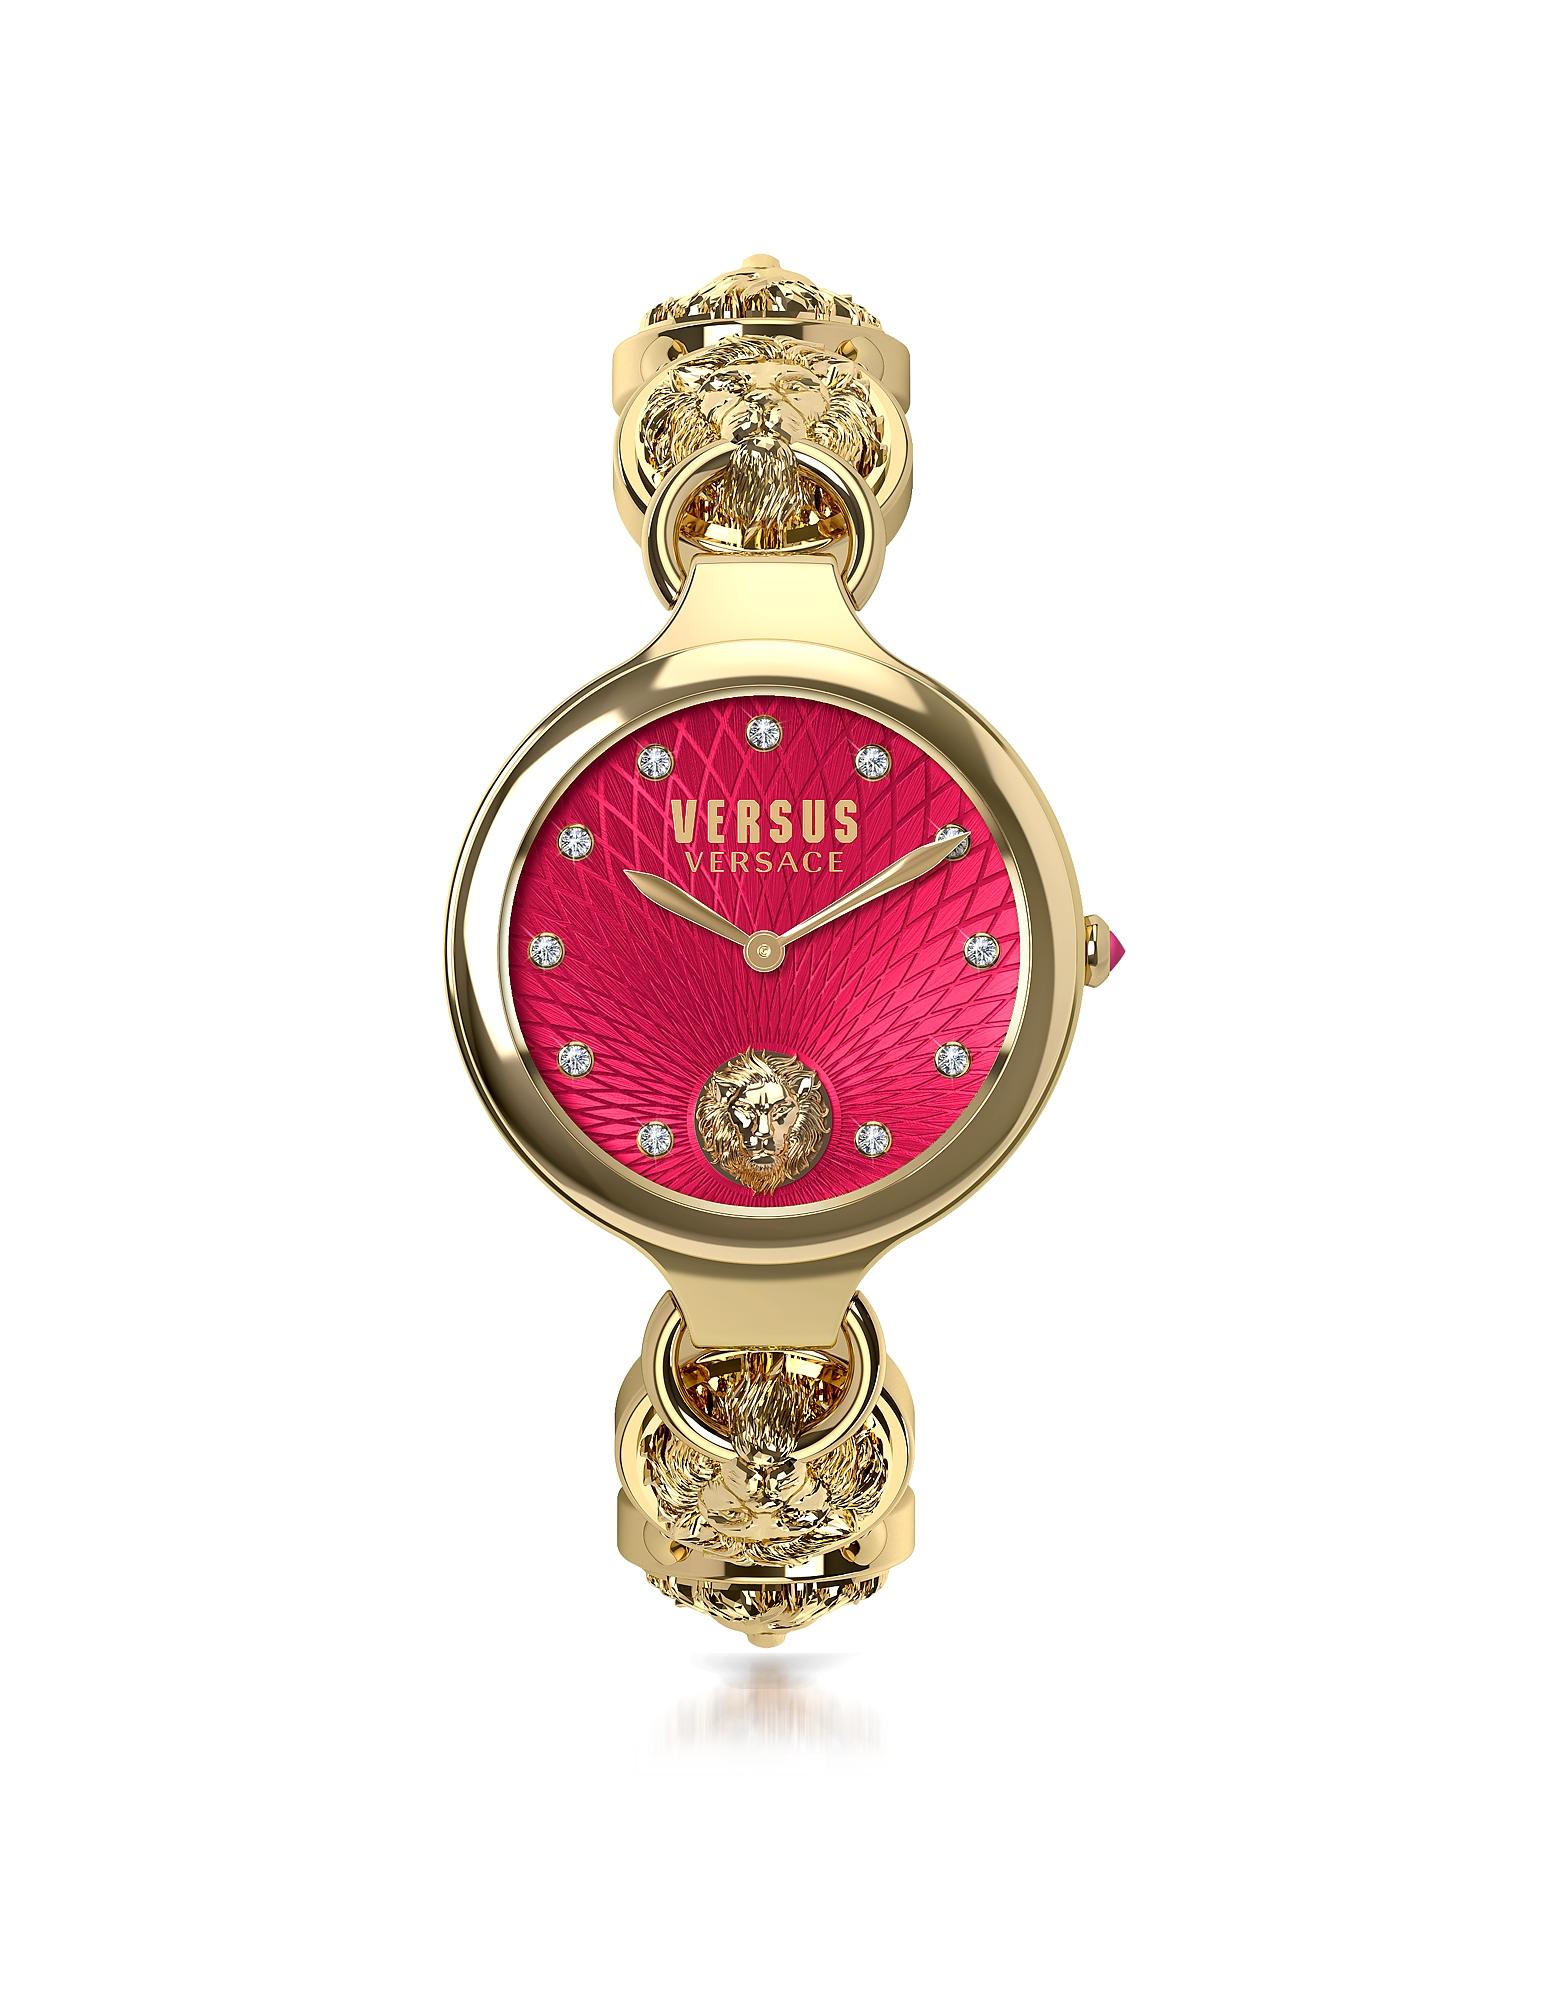 Broadwood - Золотистые Женские Часы из Нержавеющей Стали с Браслетом, Красным Циферблатом и Кристаллами